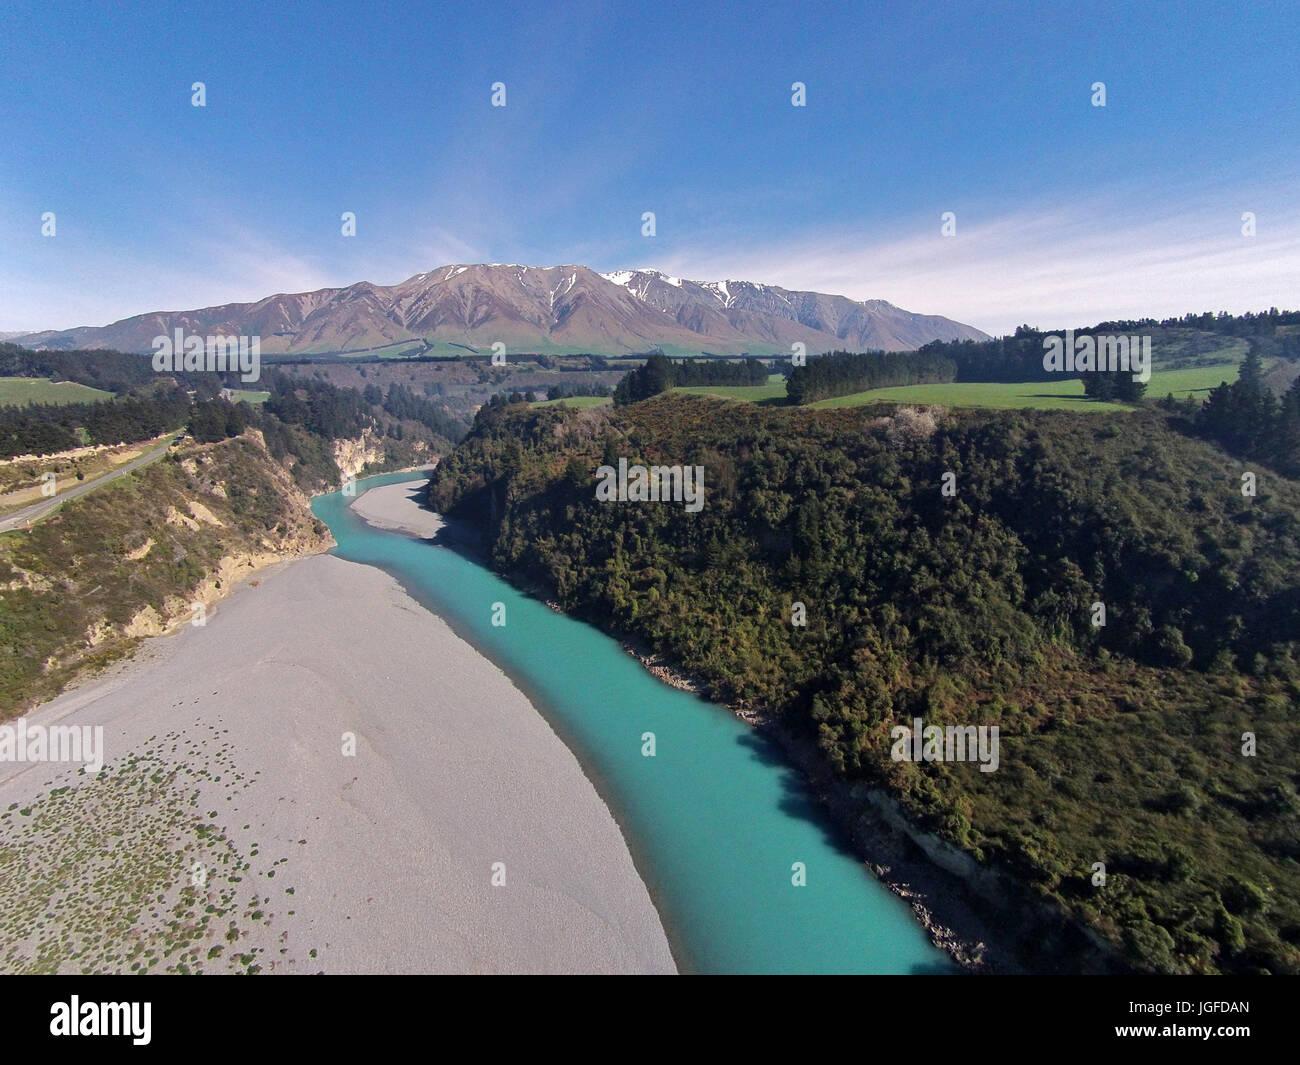 Mount Hutt Range, Rakaia River, and Rakaia Gorge, Canterbury, South Island, New Zealand - drone aerial Stock Photo